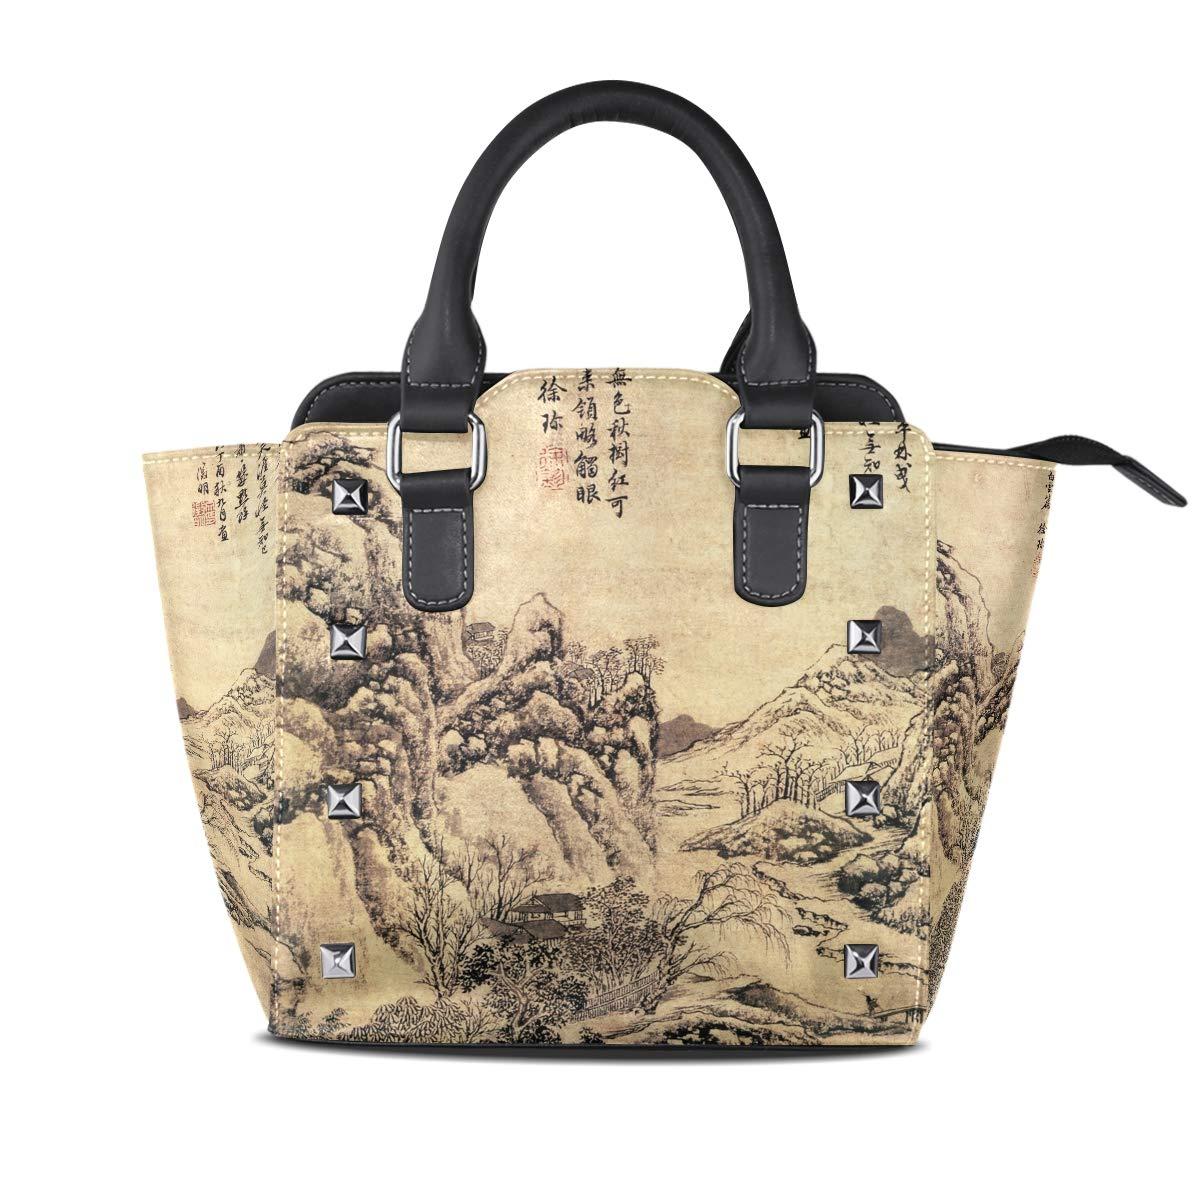 Design2 Handbag Leaves Genuine Leather Tote Rivet Bag Shoulder Strap Top Handle Women